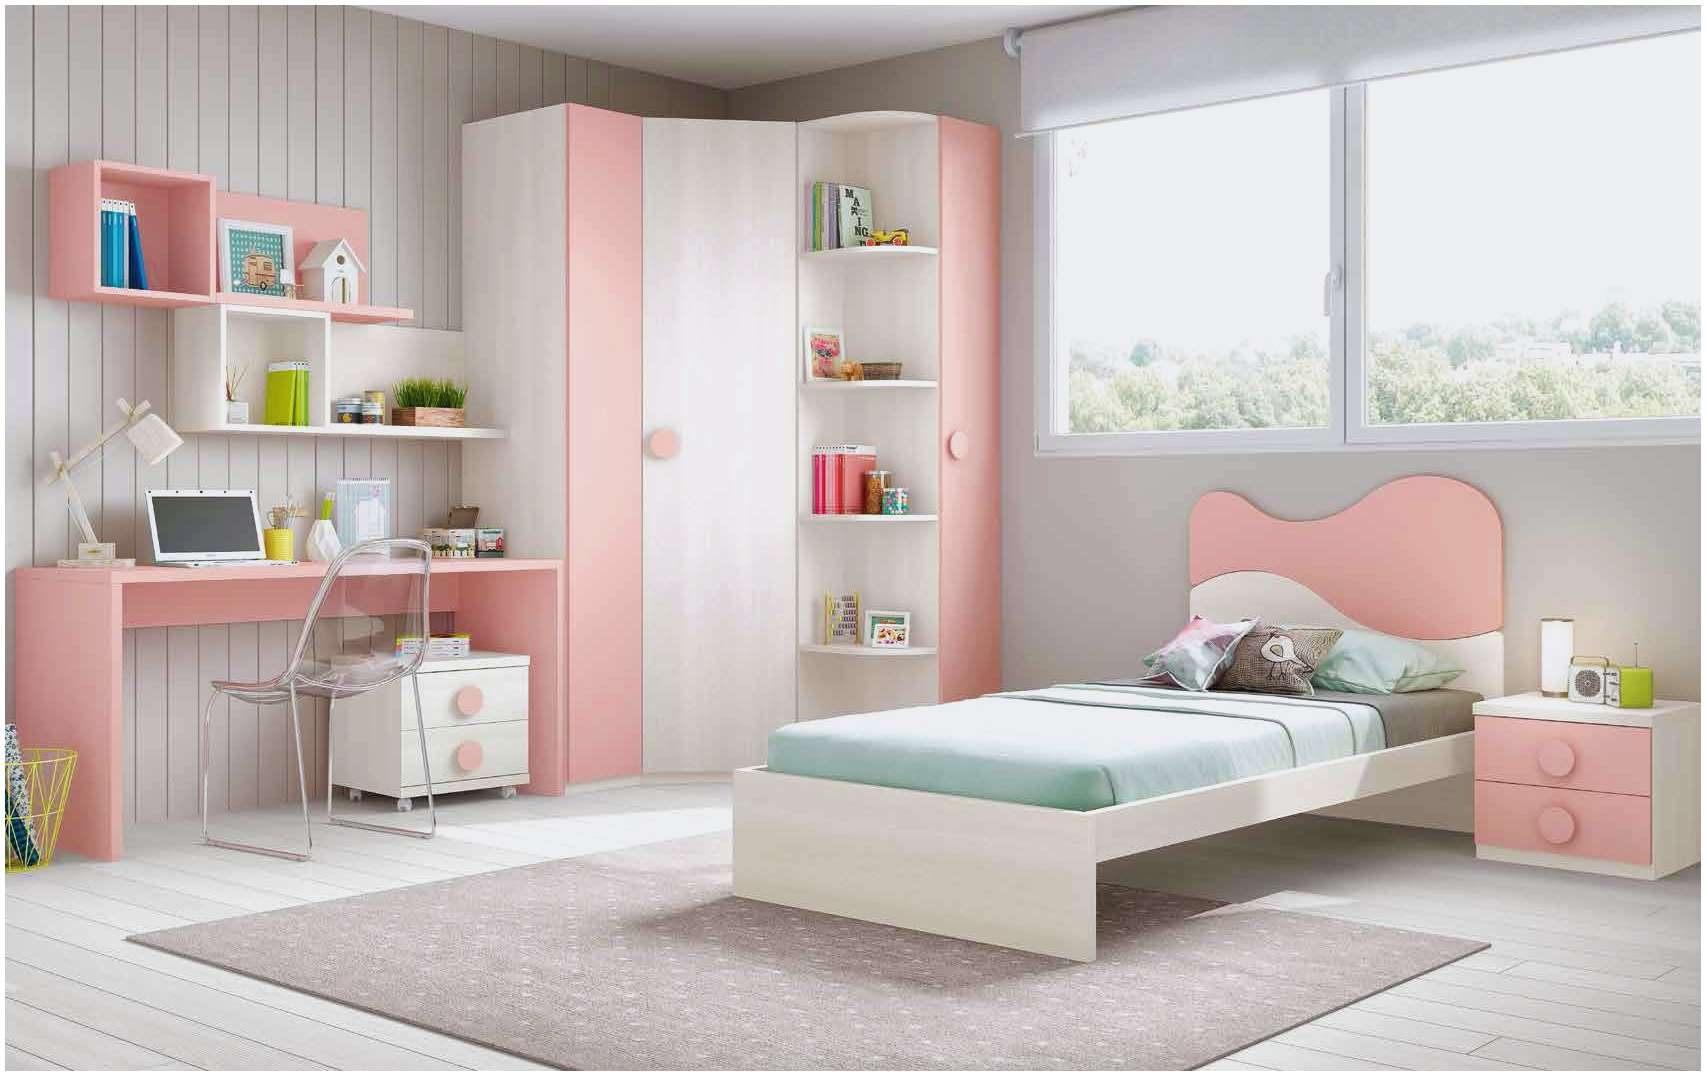 Ikea Lit 120×190 Agréable Beau Matras 120—200 Ikea Luxe Jugendbett 120—200 Ikea Frisch Lit 120